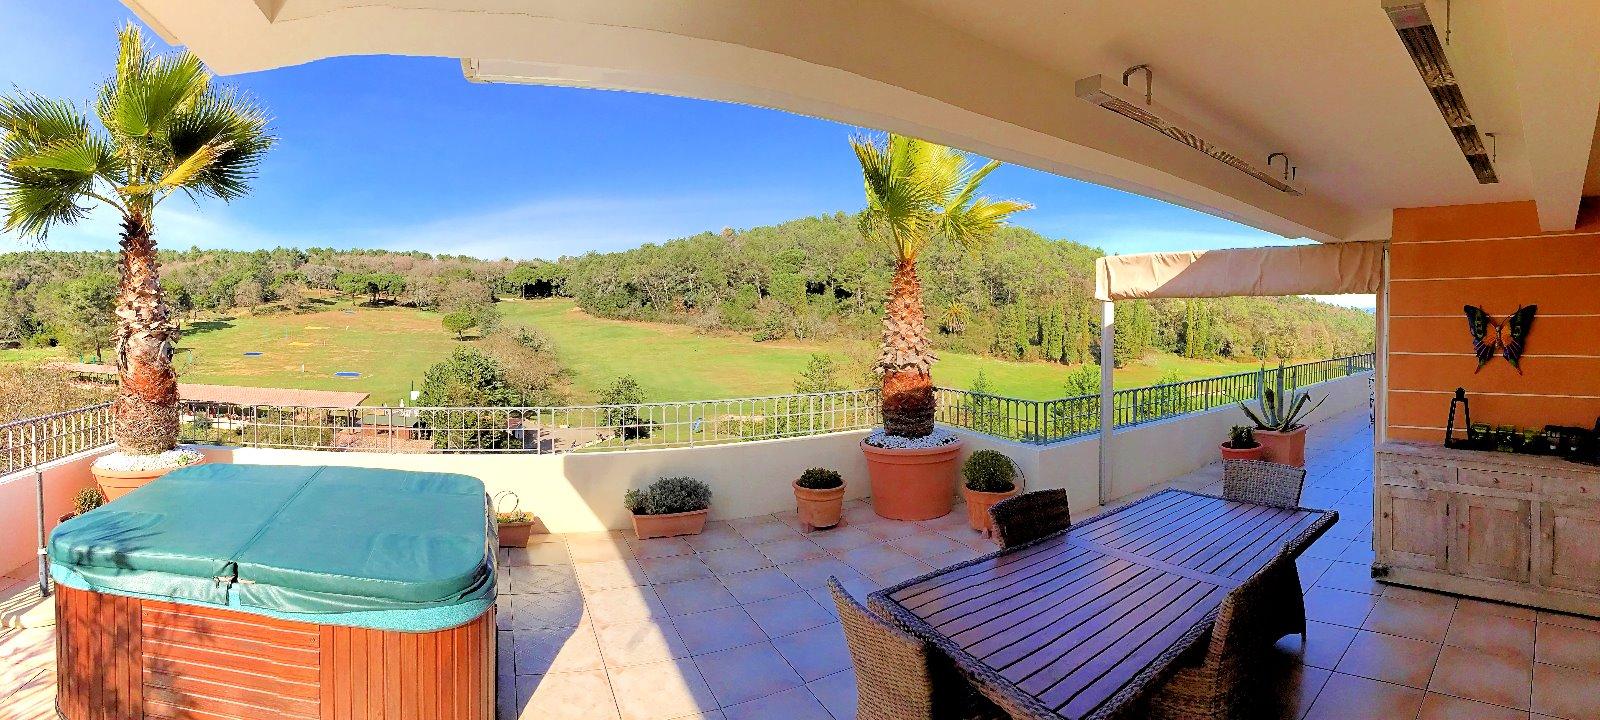 Valbonne 06 alpes maritimes a vendre villa sur toit for Toit terrasse immobilier